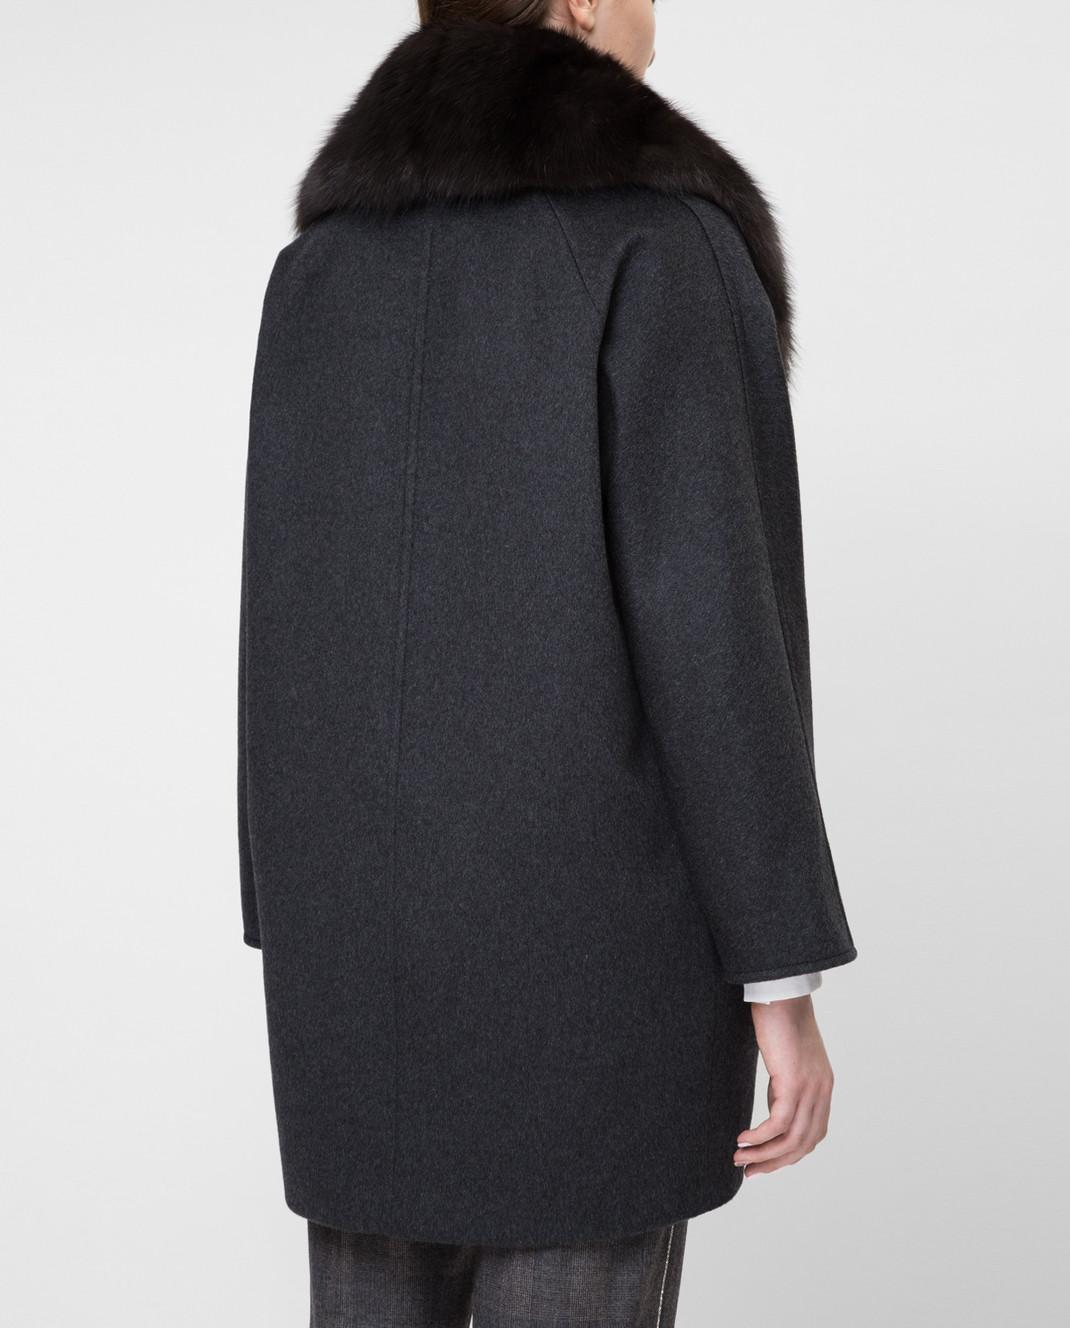 Real Furs House Черное пальто QSR433 изображение 4